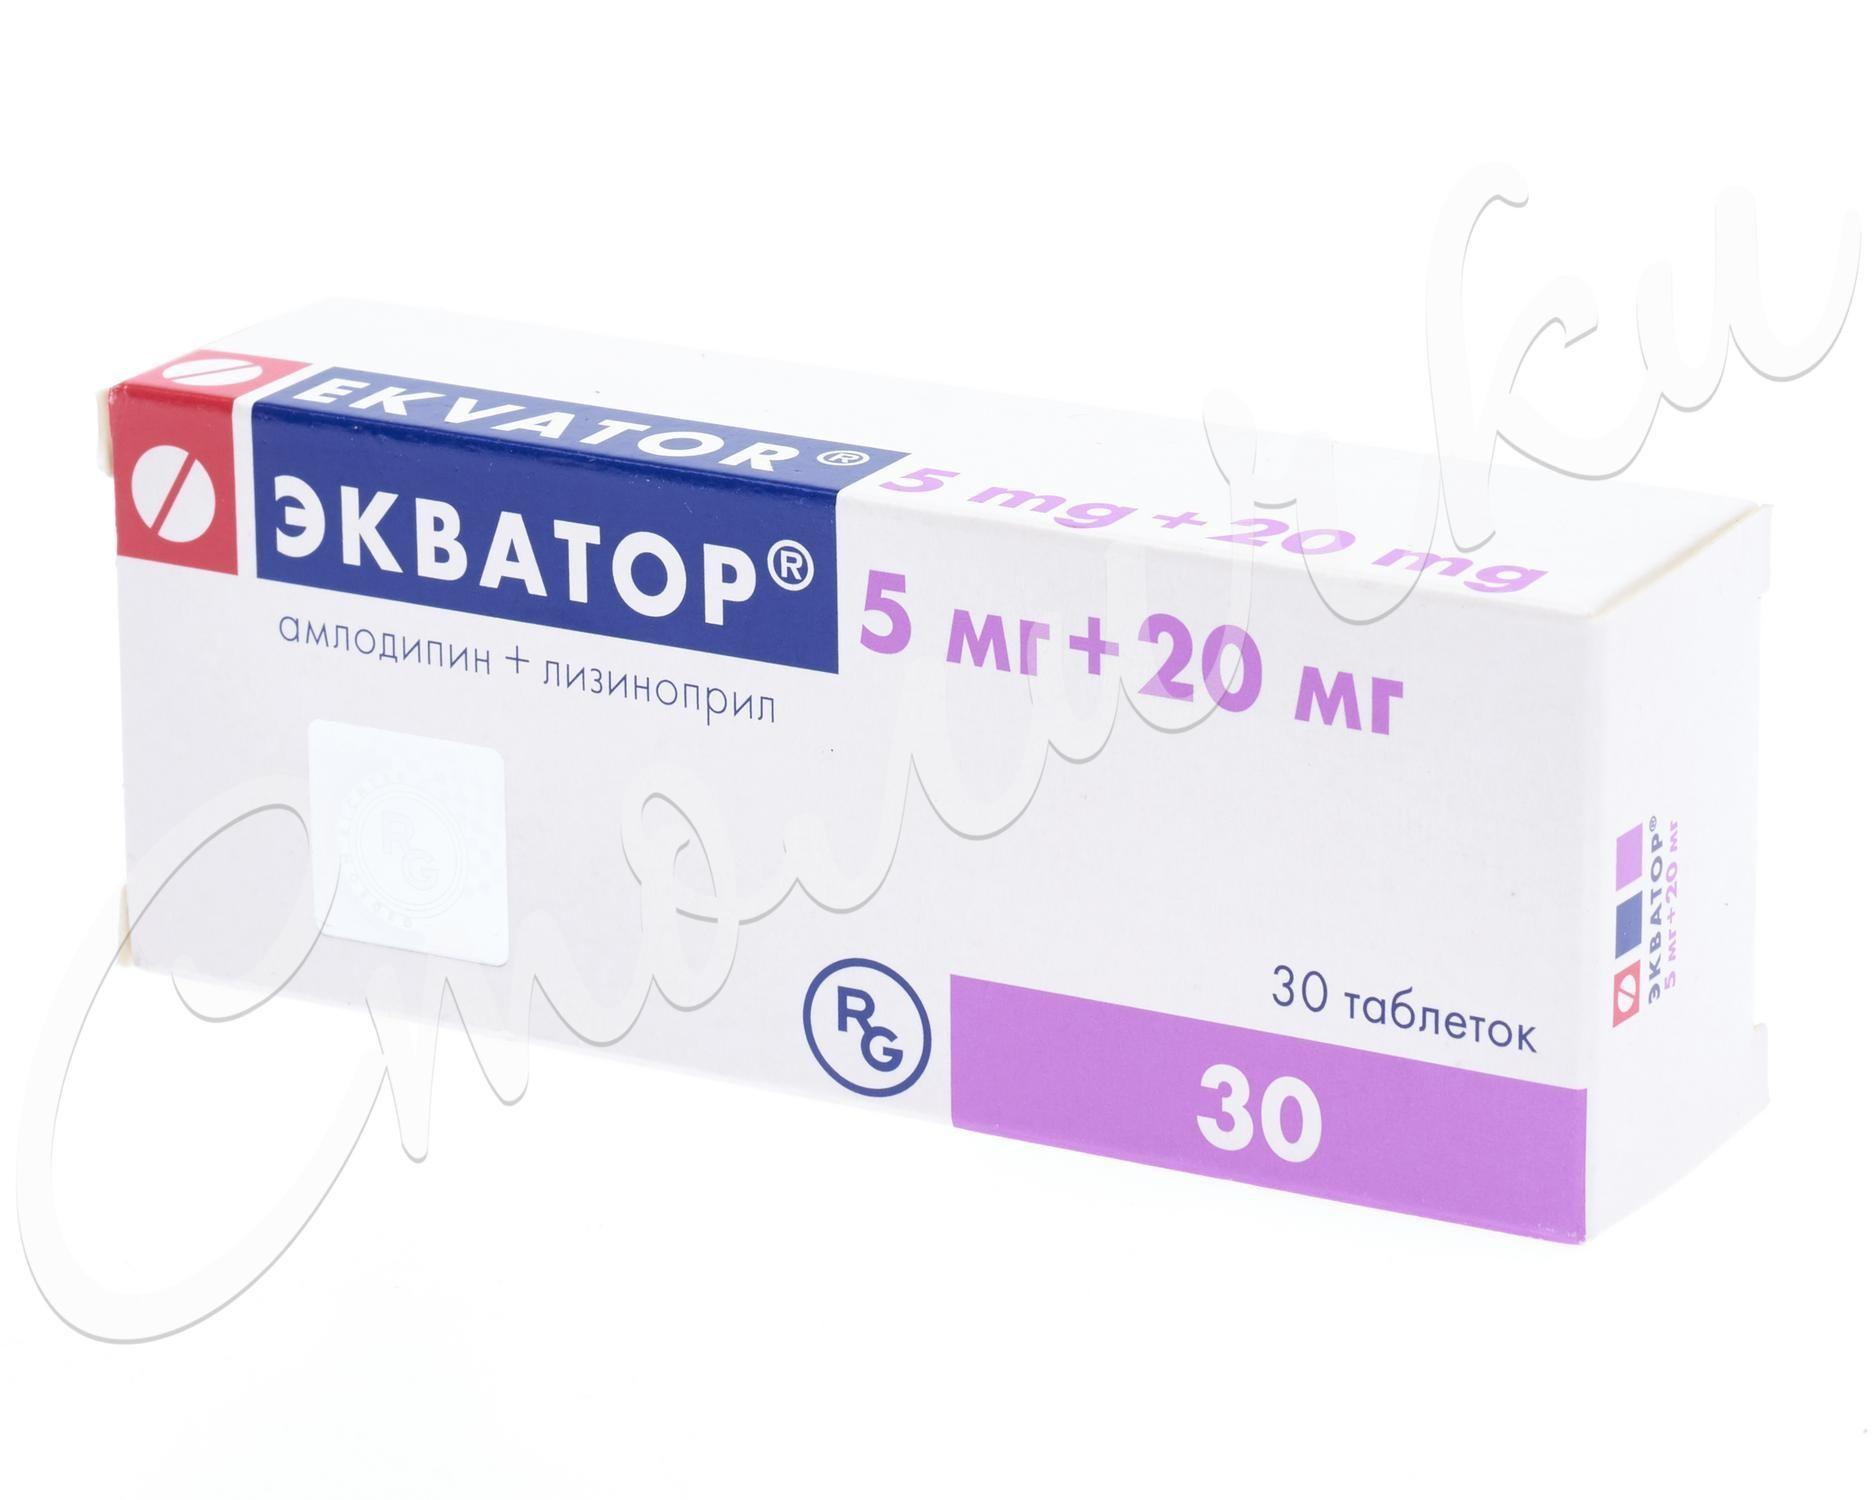 Цены на ЭКВАТОР в аптеках Москвы и МО на АптекаМос